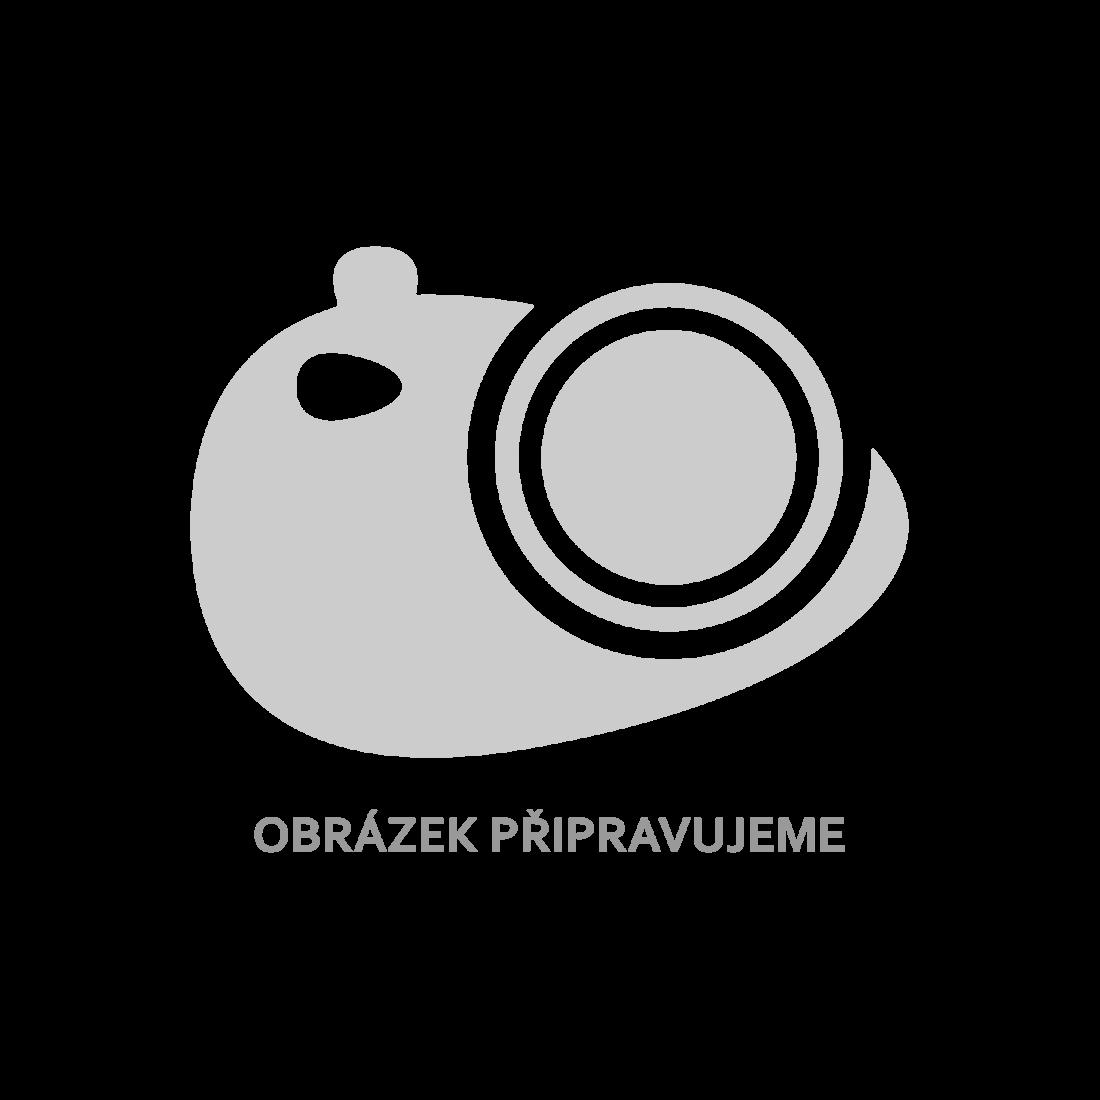 Konstrukce stativů s černým fotografickým pozadím - 5 x 3 m